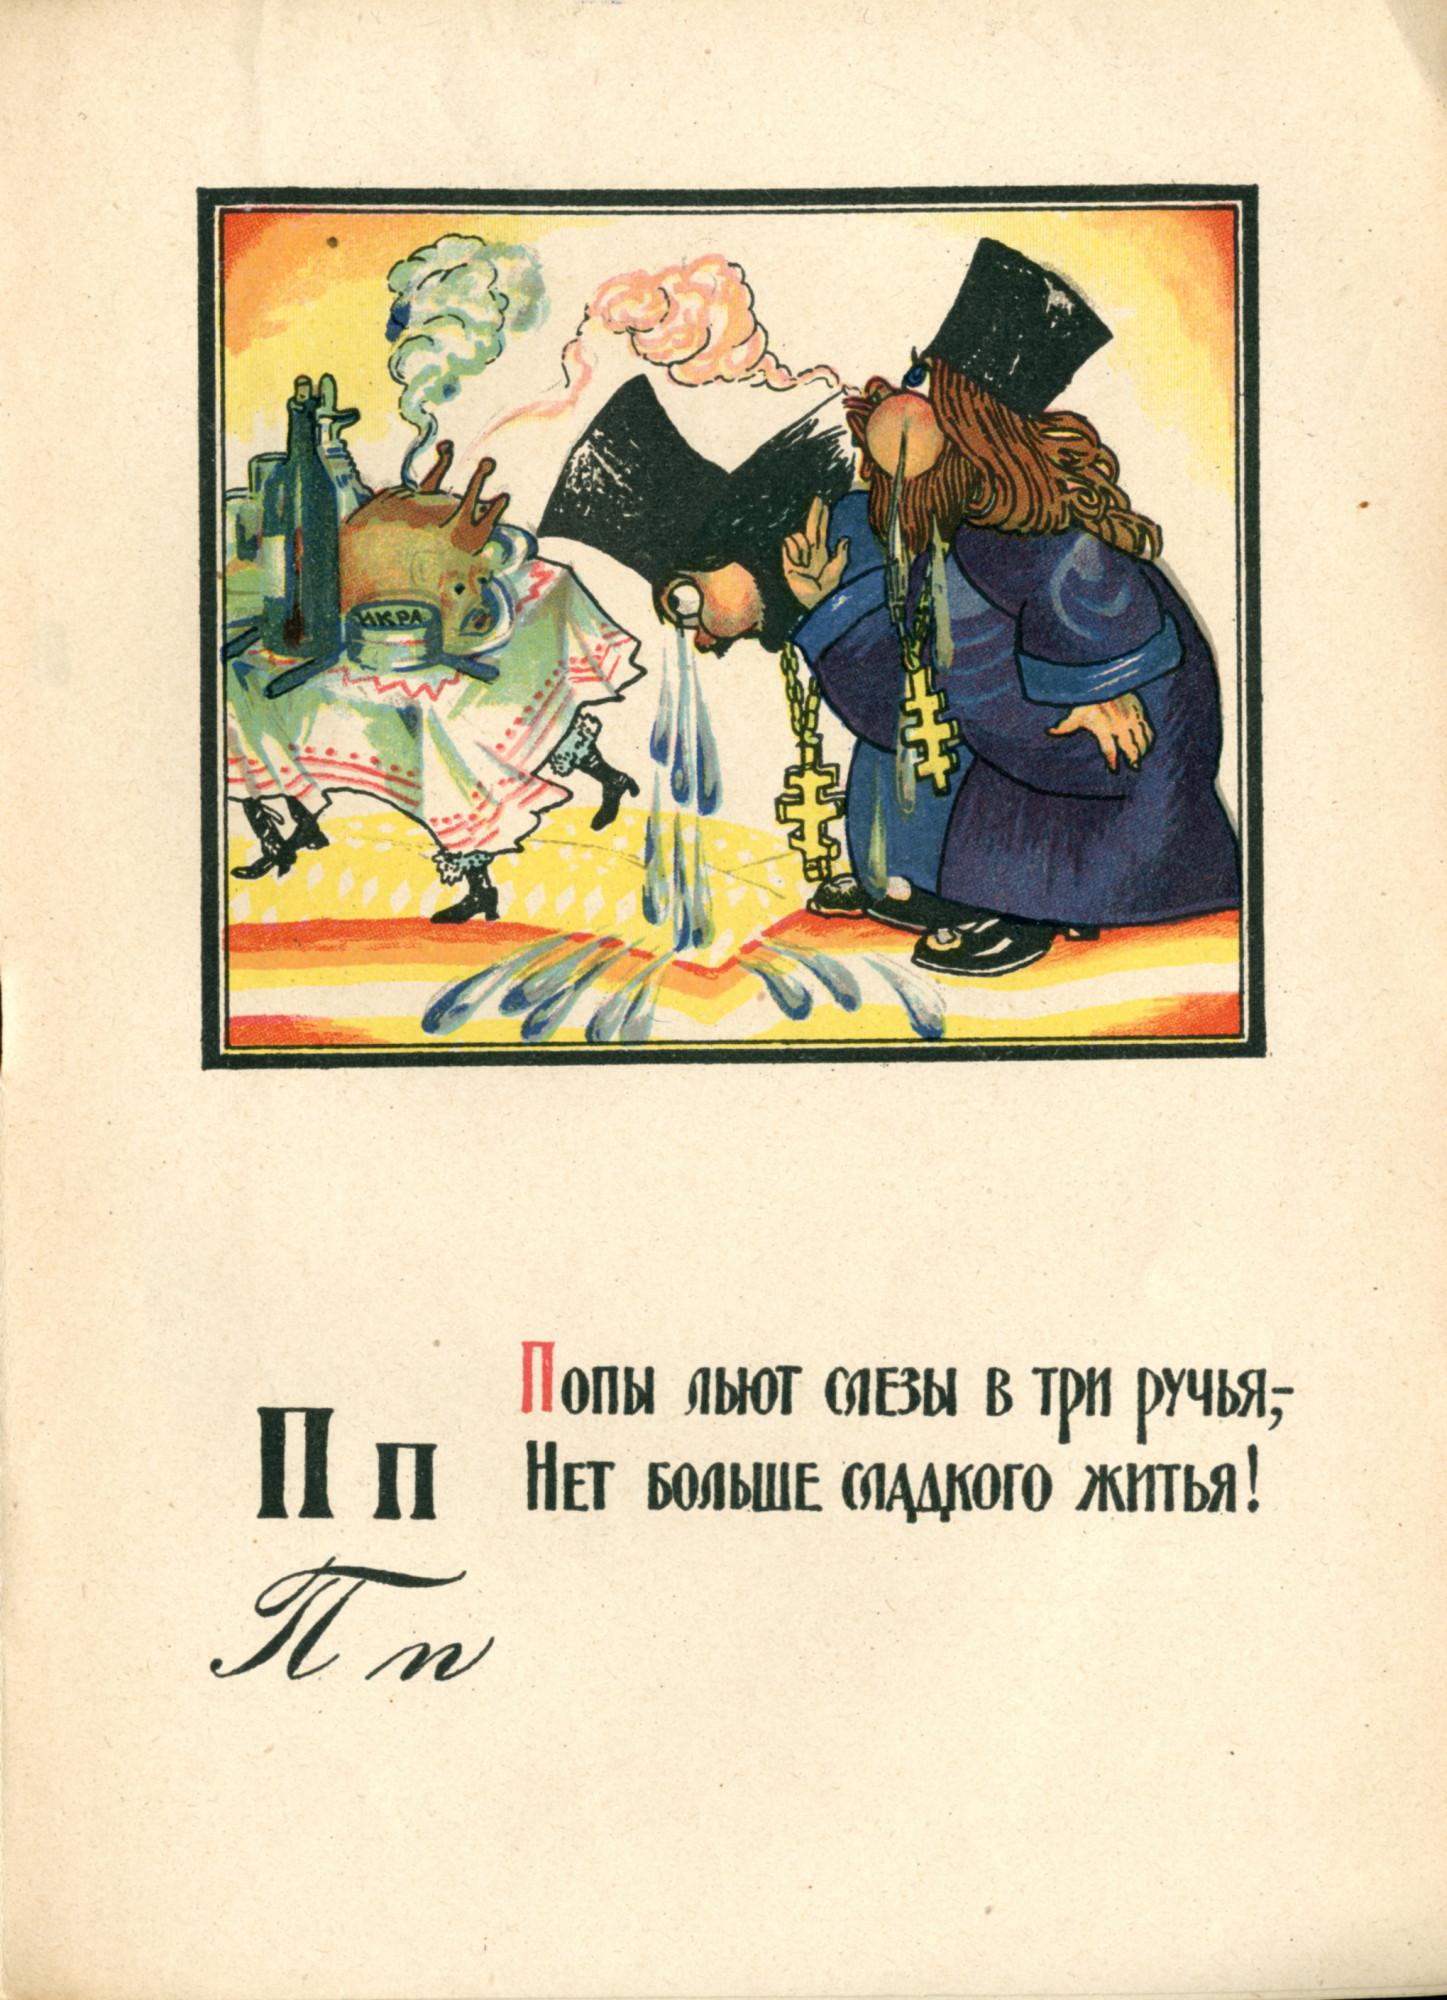 Священникам в плакатах Моора всегда доставалось по полной программе. Вот и в азбуке тоже...